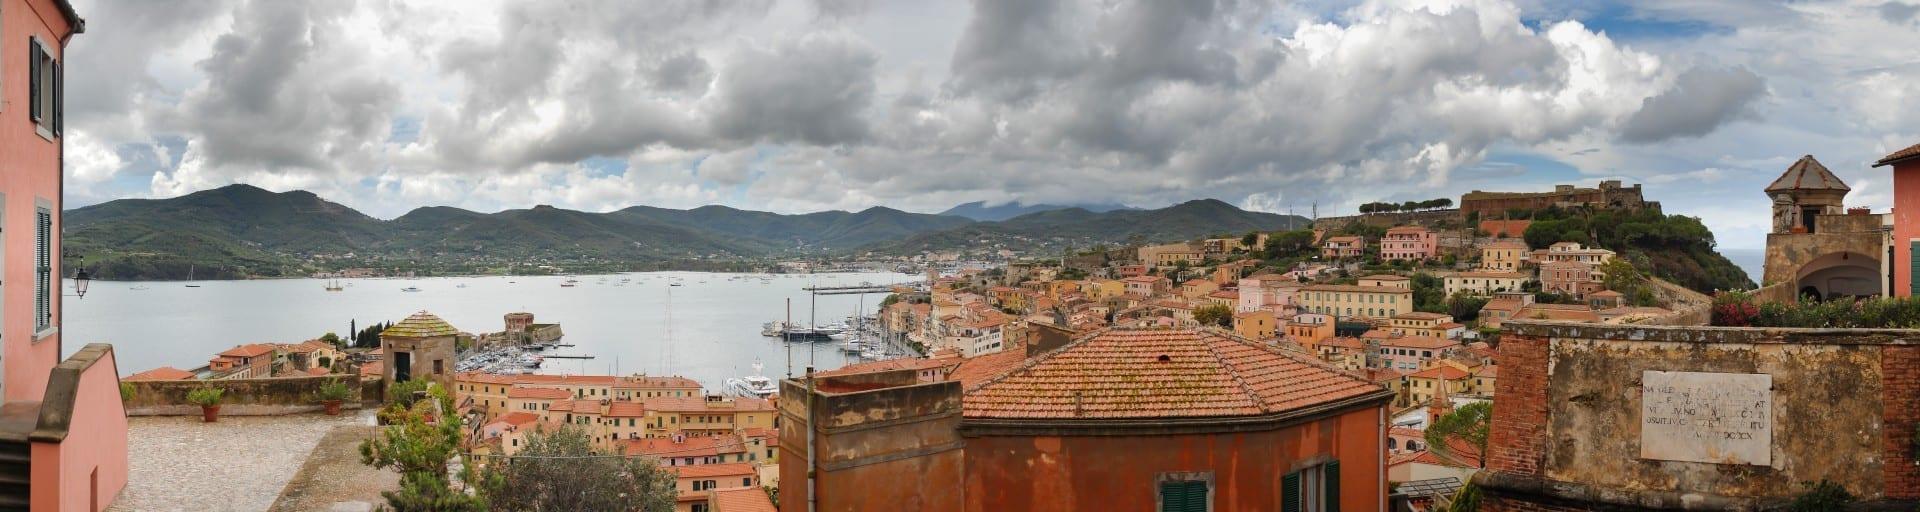 Una vista de Portoferraio Isla de Elba Italia